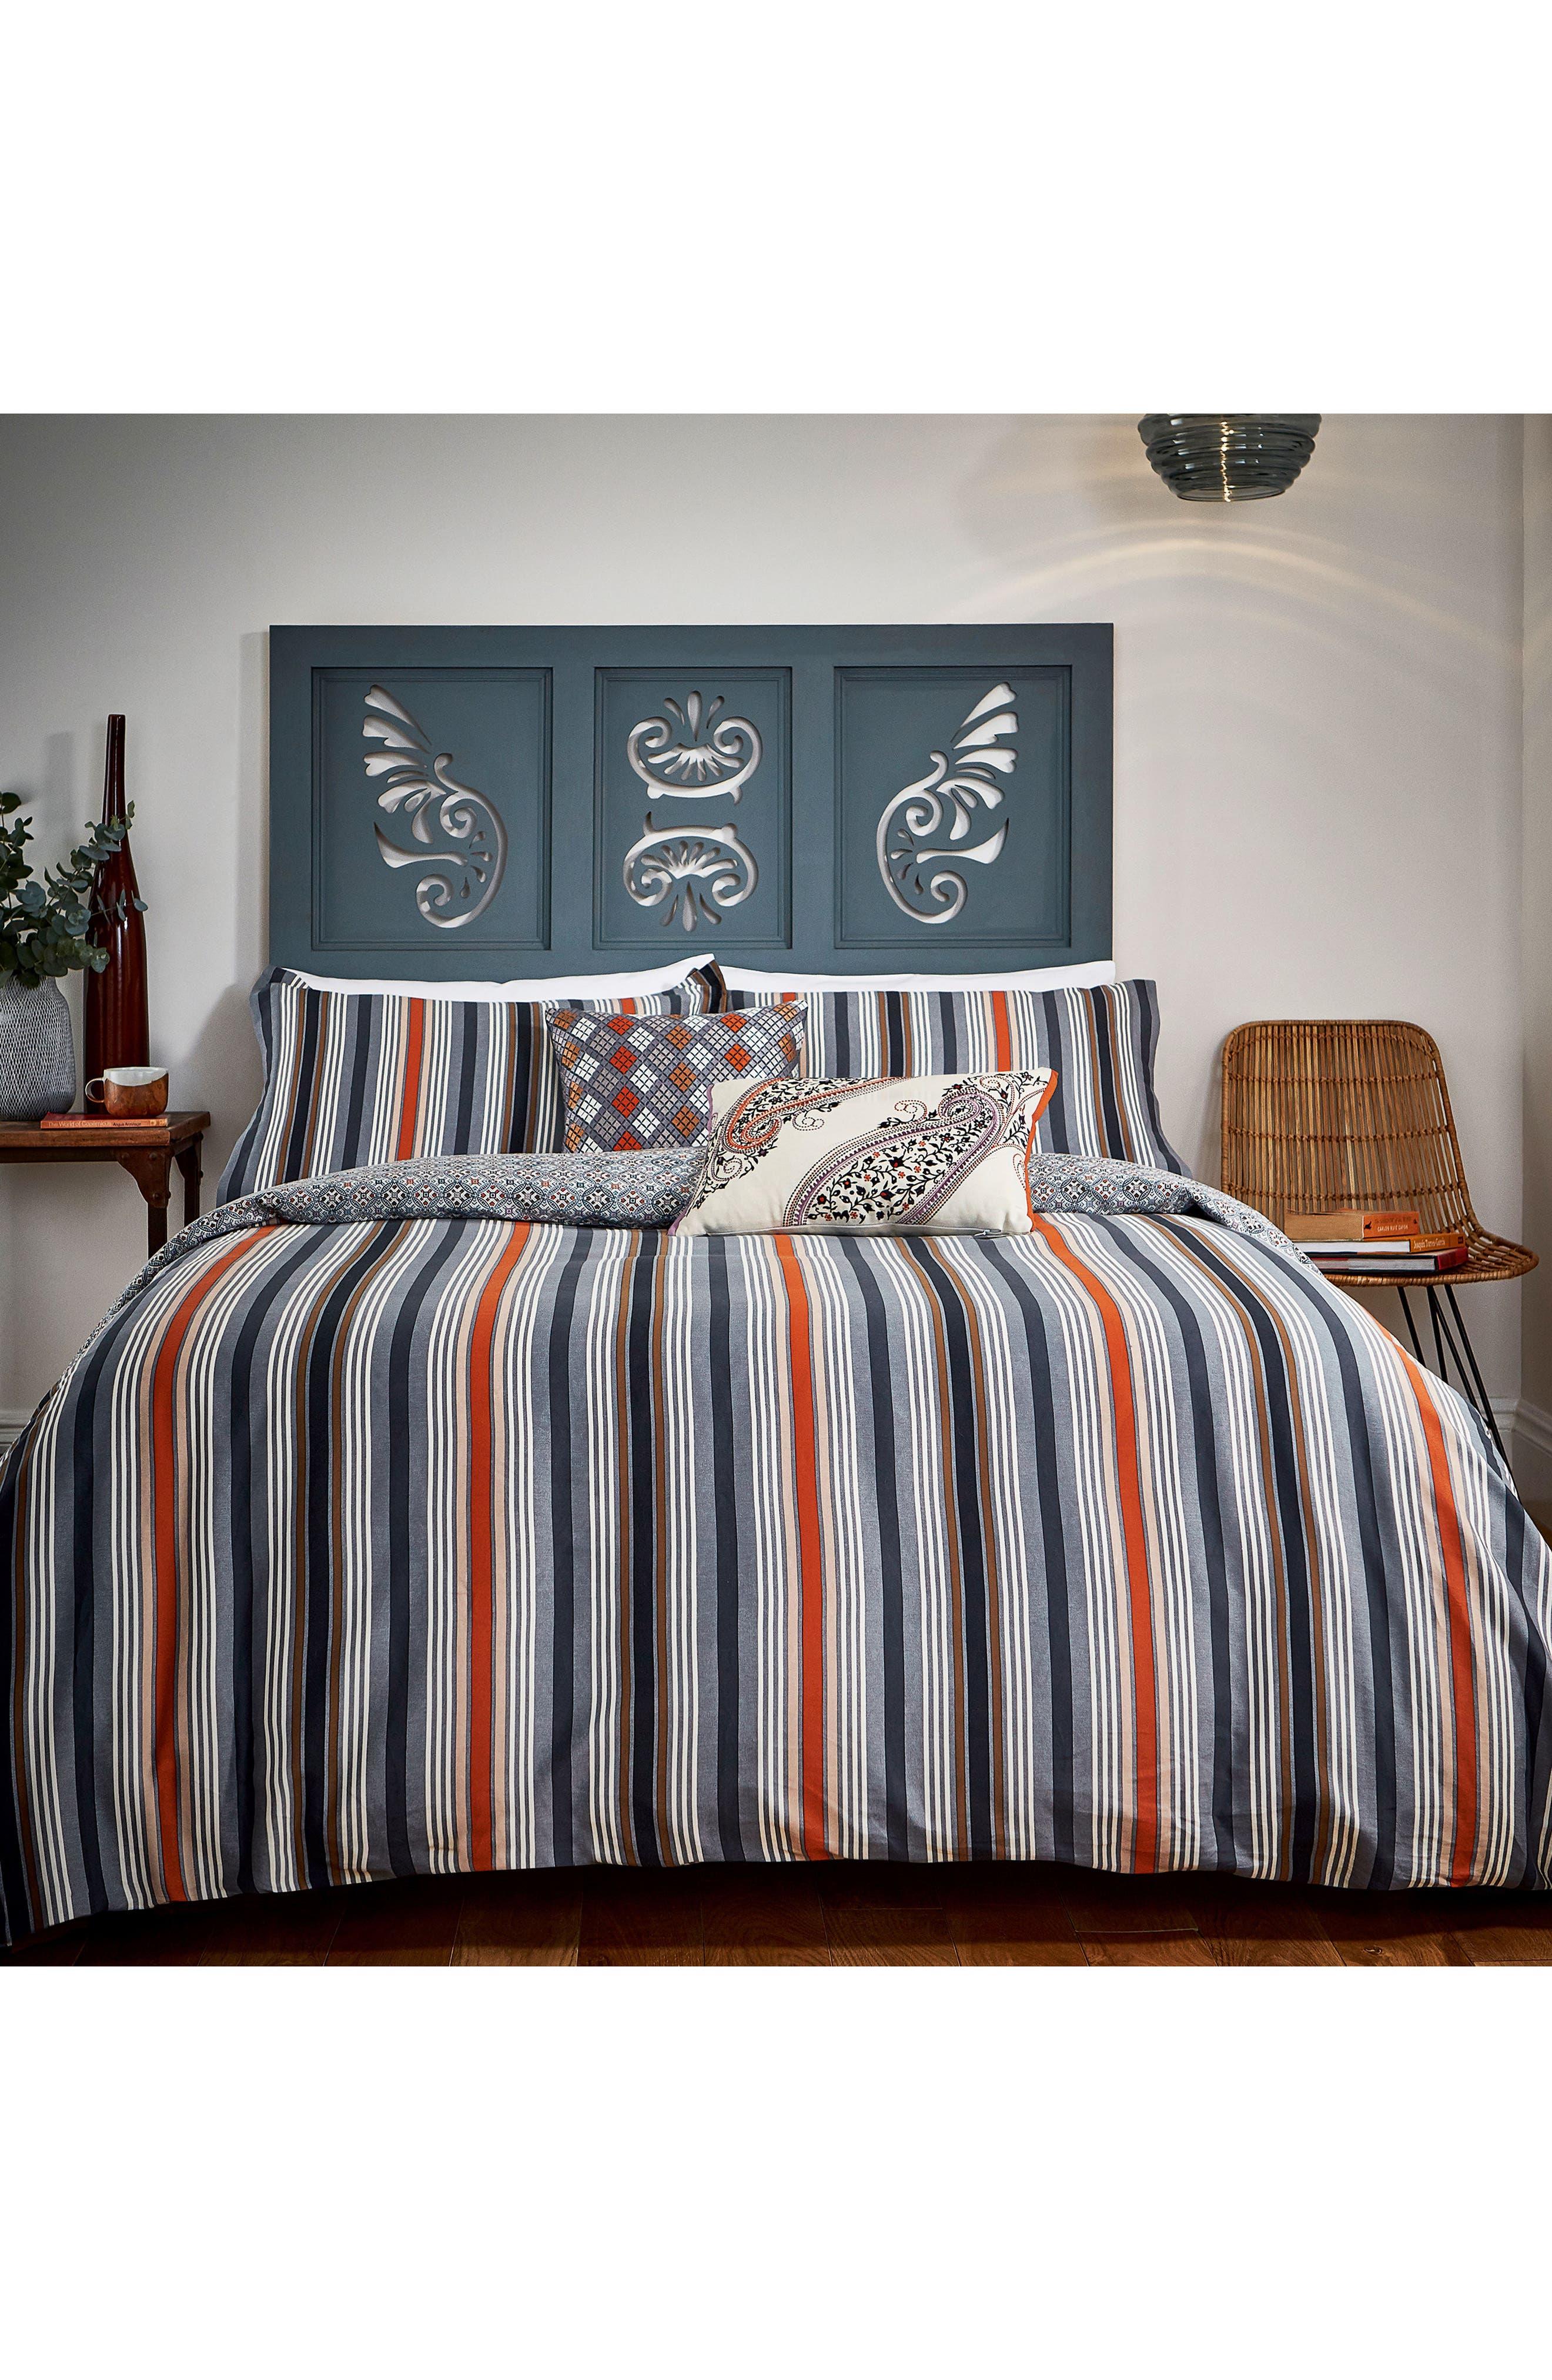 Alba Duvet Cover, Sham & Accent Pillow Set,                         Main,                         color, Blue